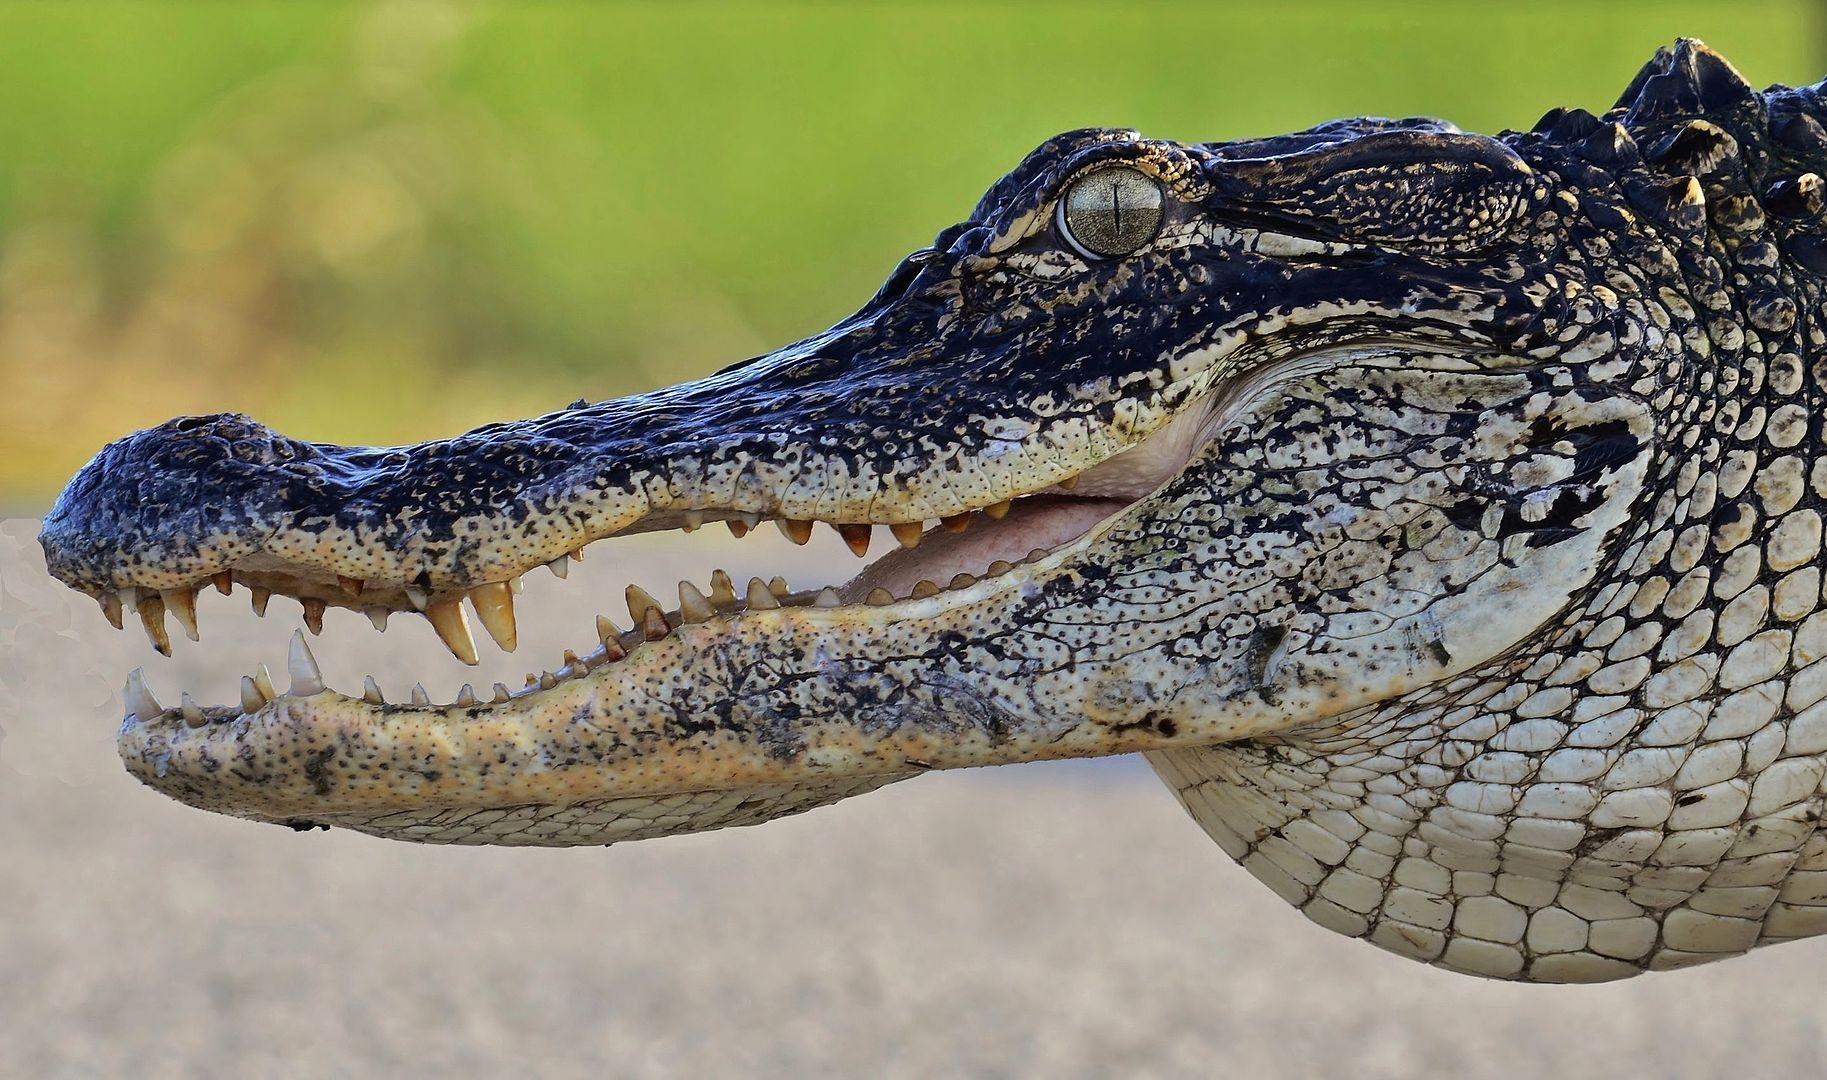 Un caimán del río Misisipi muestra sus dientes. Foto: Gareth Rasberry - Wikimedia Commons.